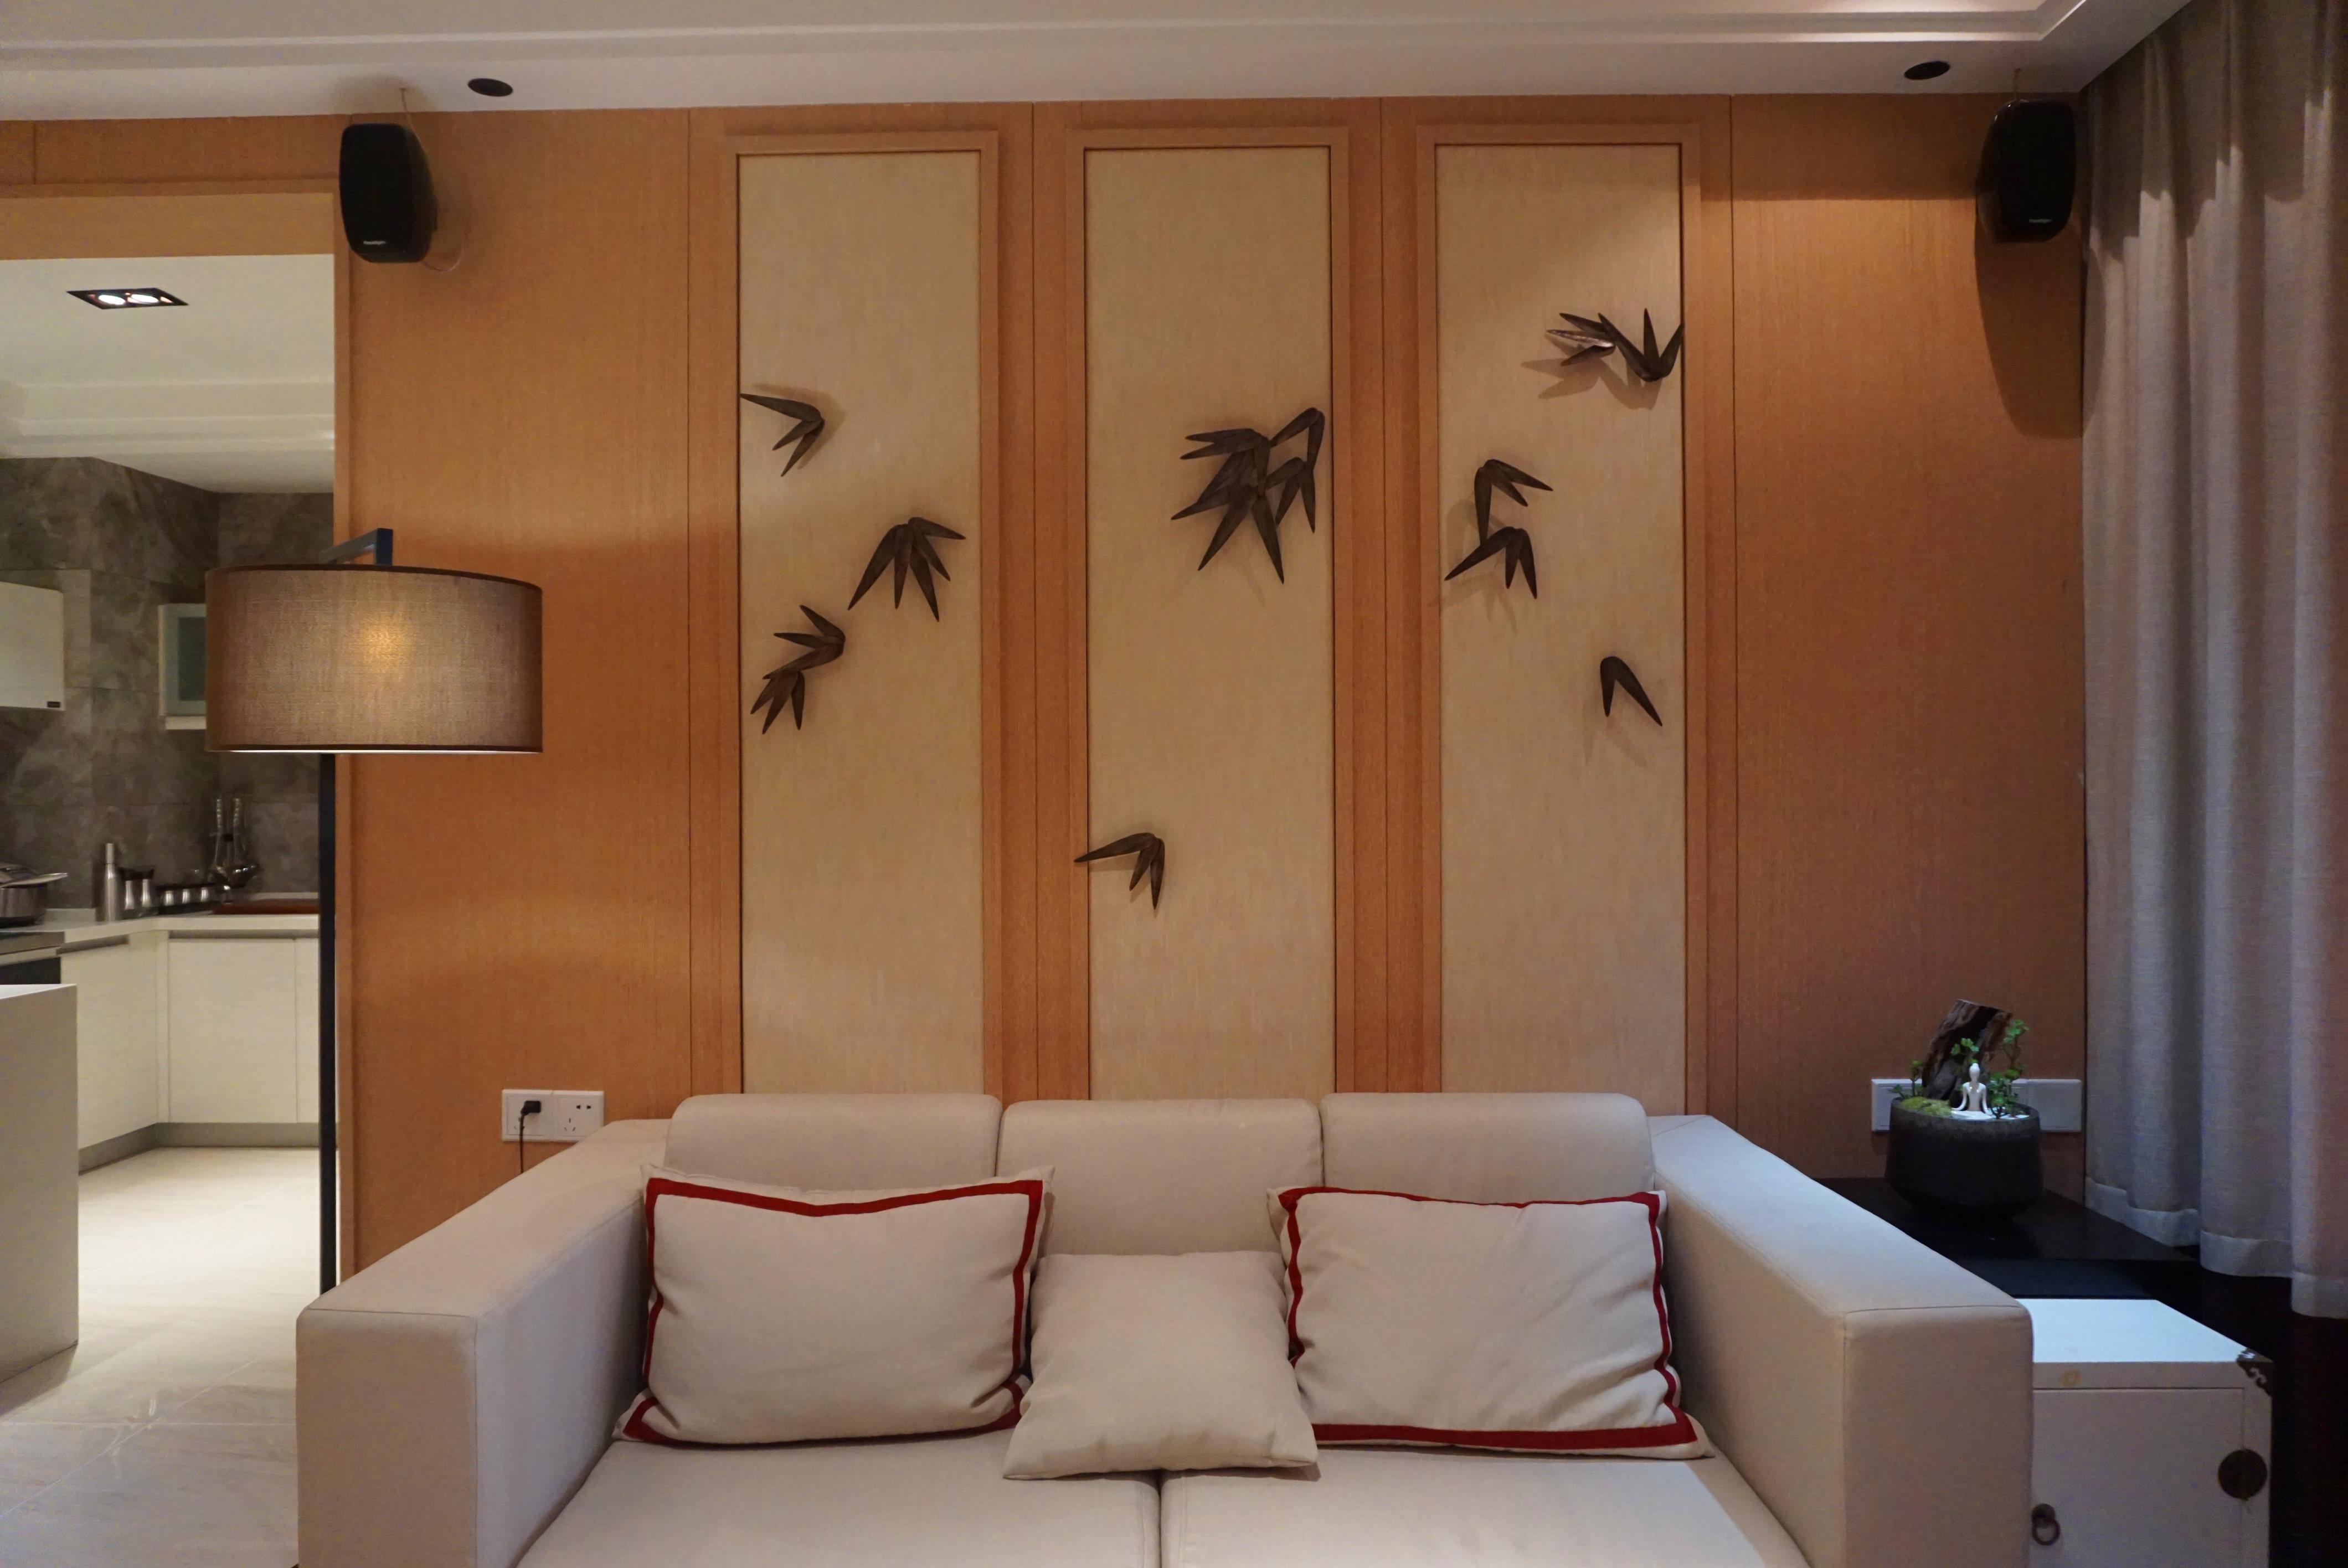 简约 二居 收纳 80后 小资 天汇设计 新中式 禅意中式 客厅图片来自游小华在《朴居》的分享